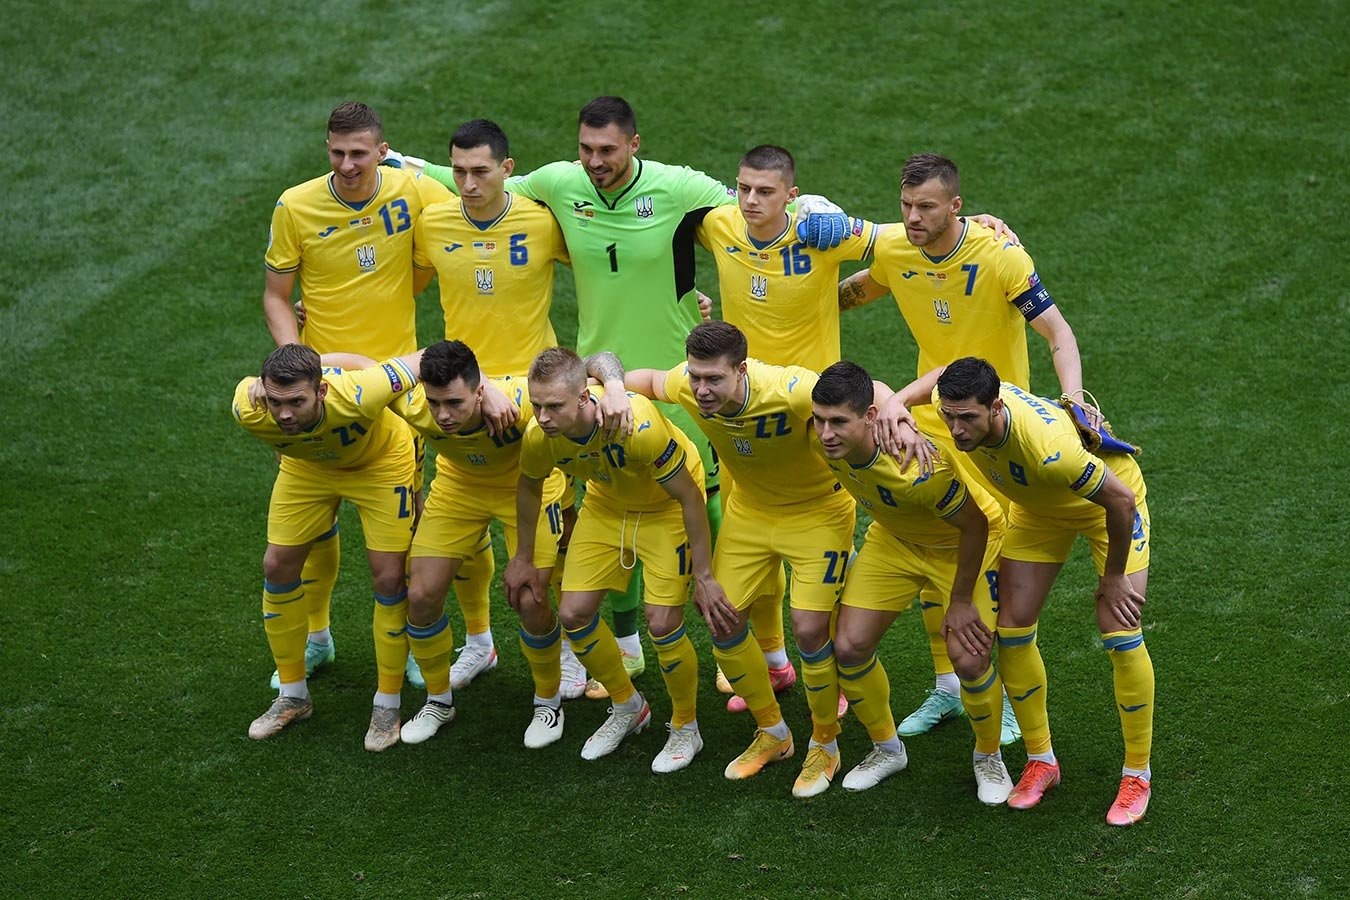 Украина сыграет со Швецией в 1/8 финала Евро-2020. Известны дата и место проведения матча